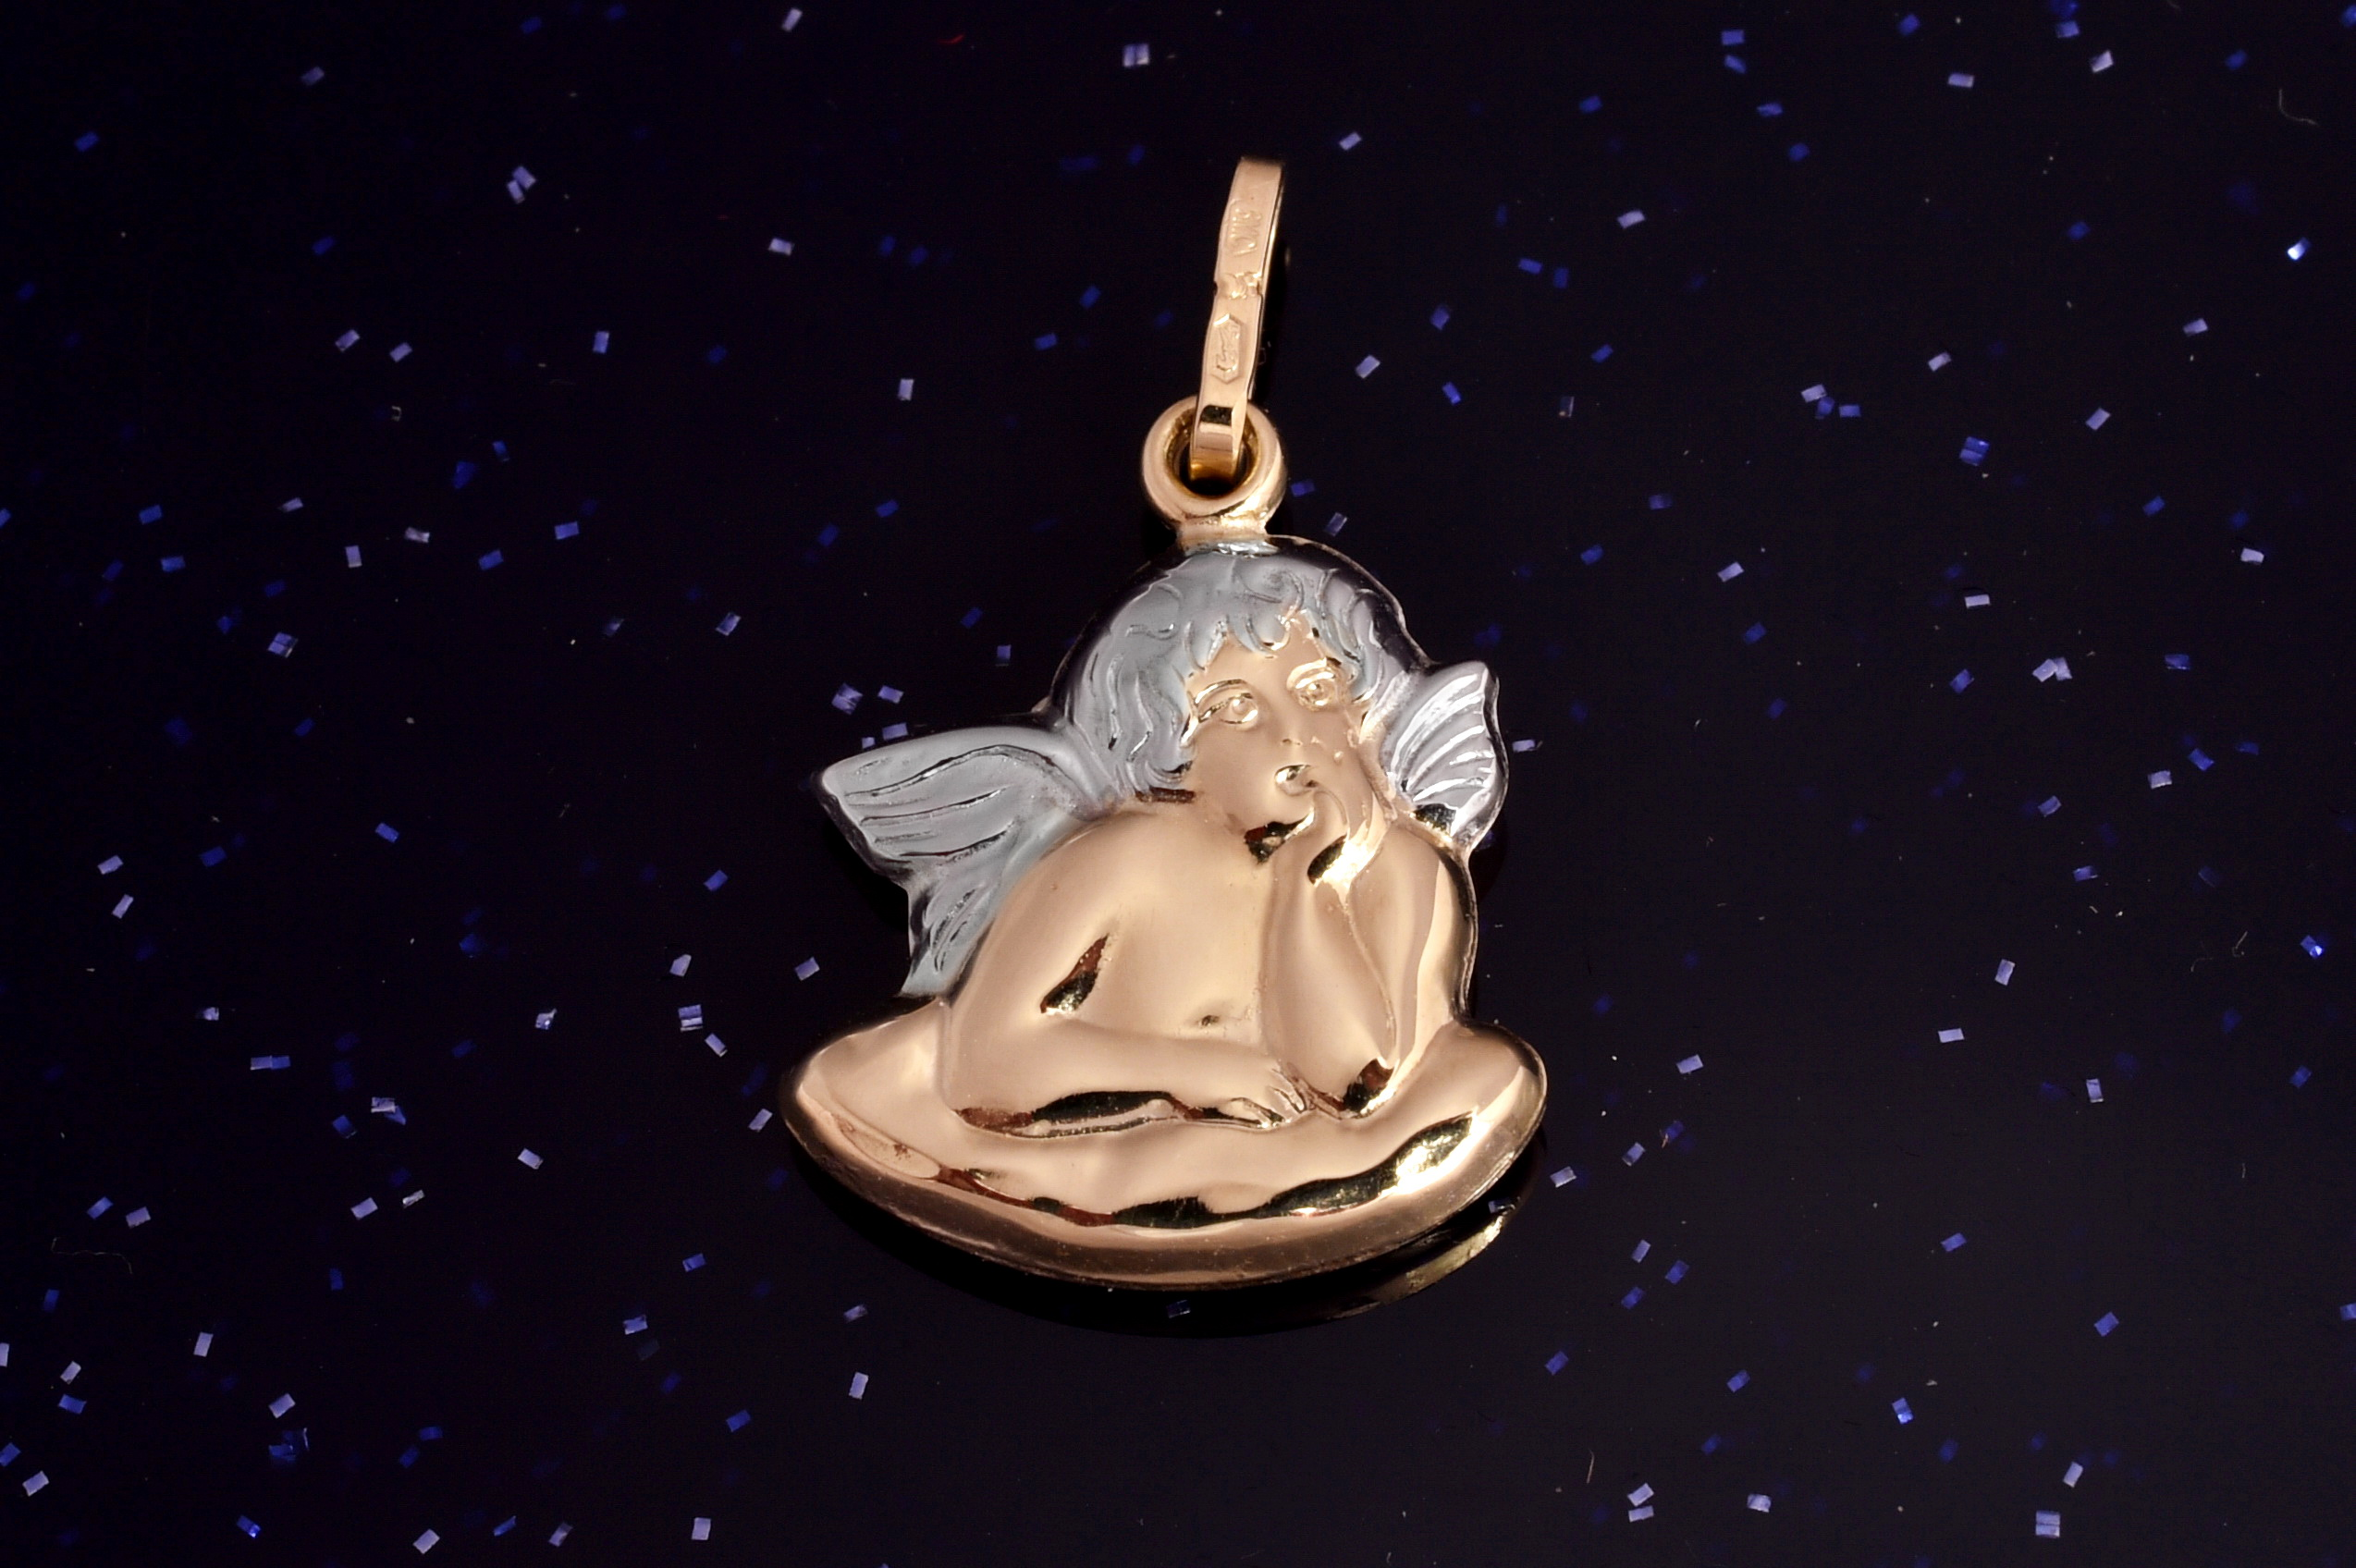 Zlatý přívěsek anděl P020 14kt,0,65g (14kt,váha 0,65g)